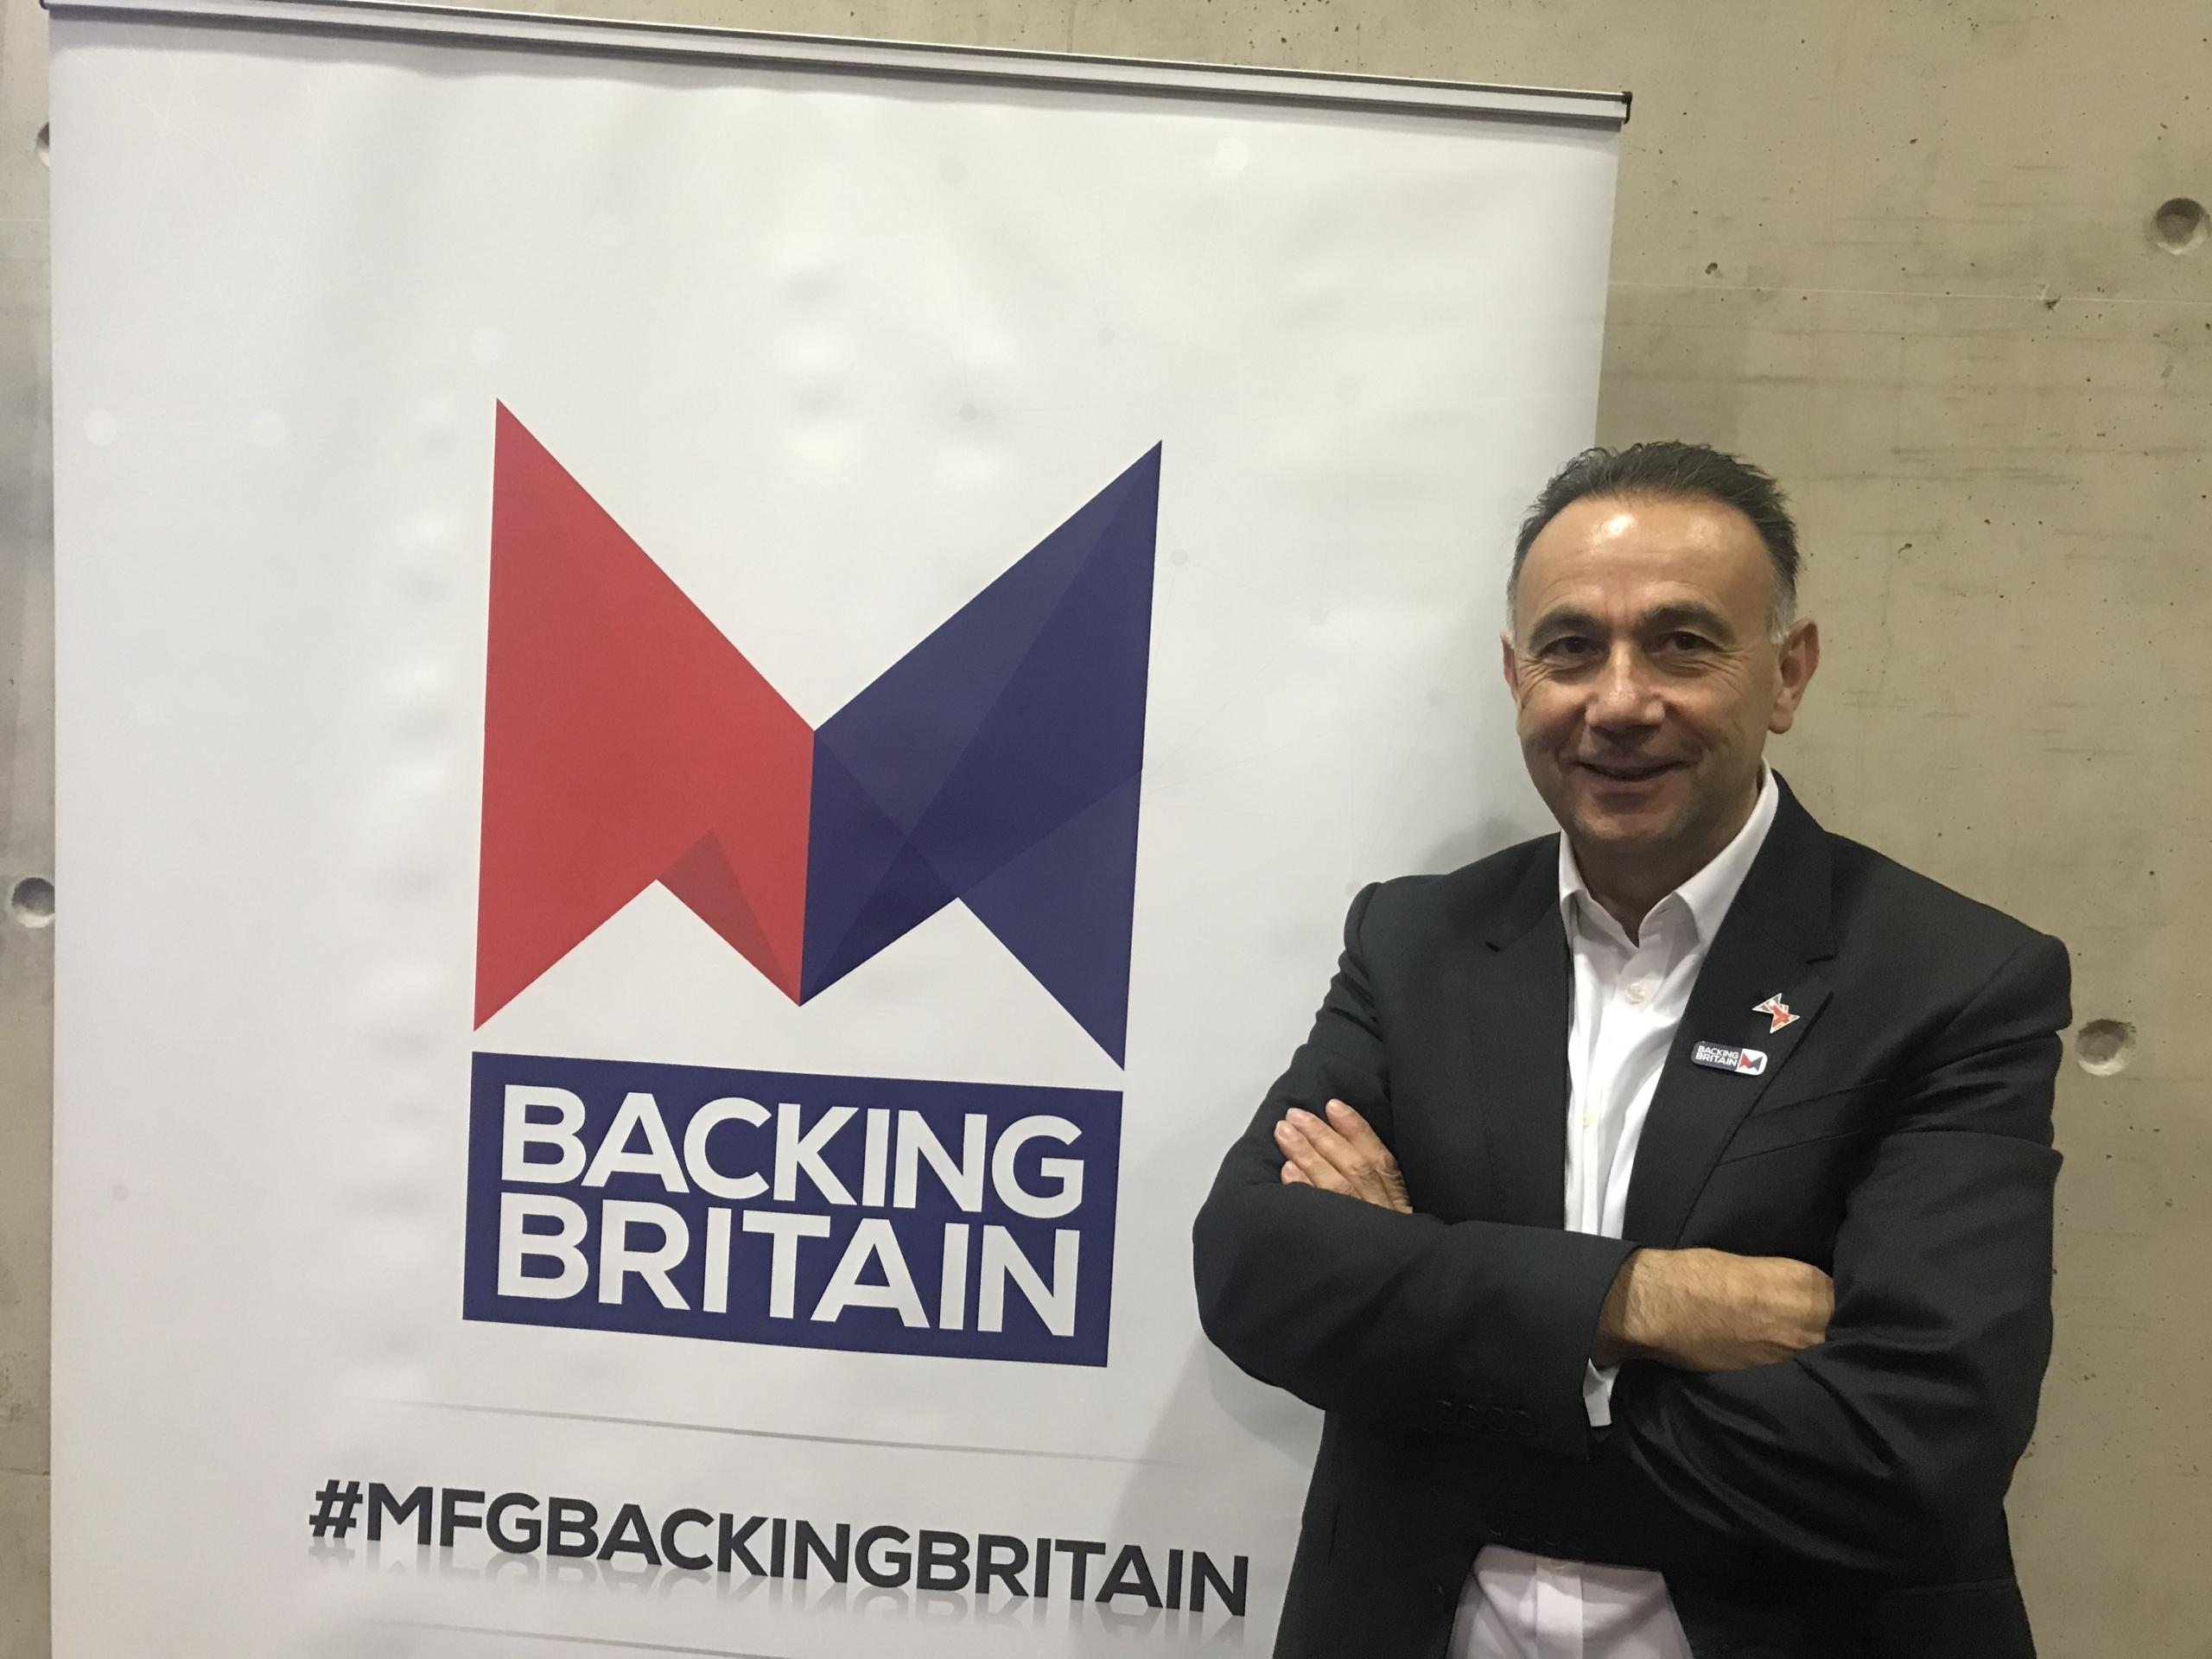 Bauromat Backing Britain